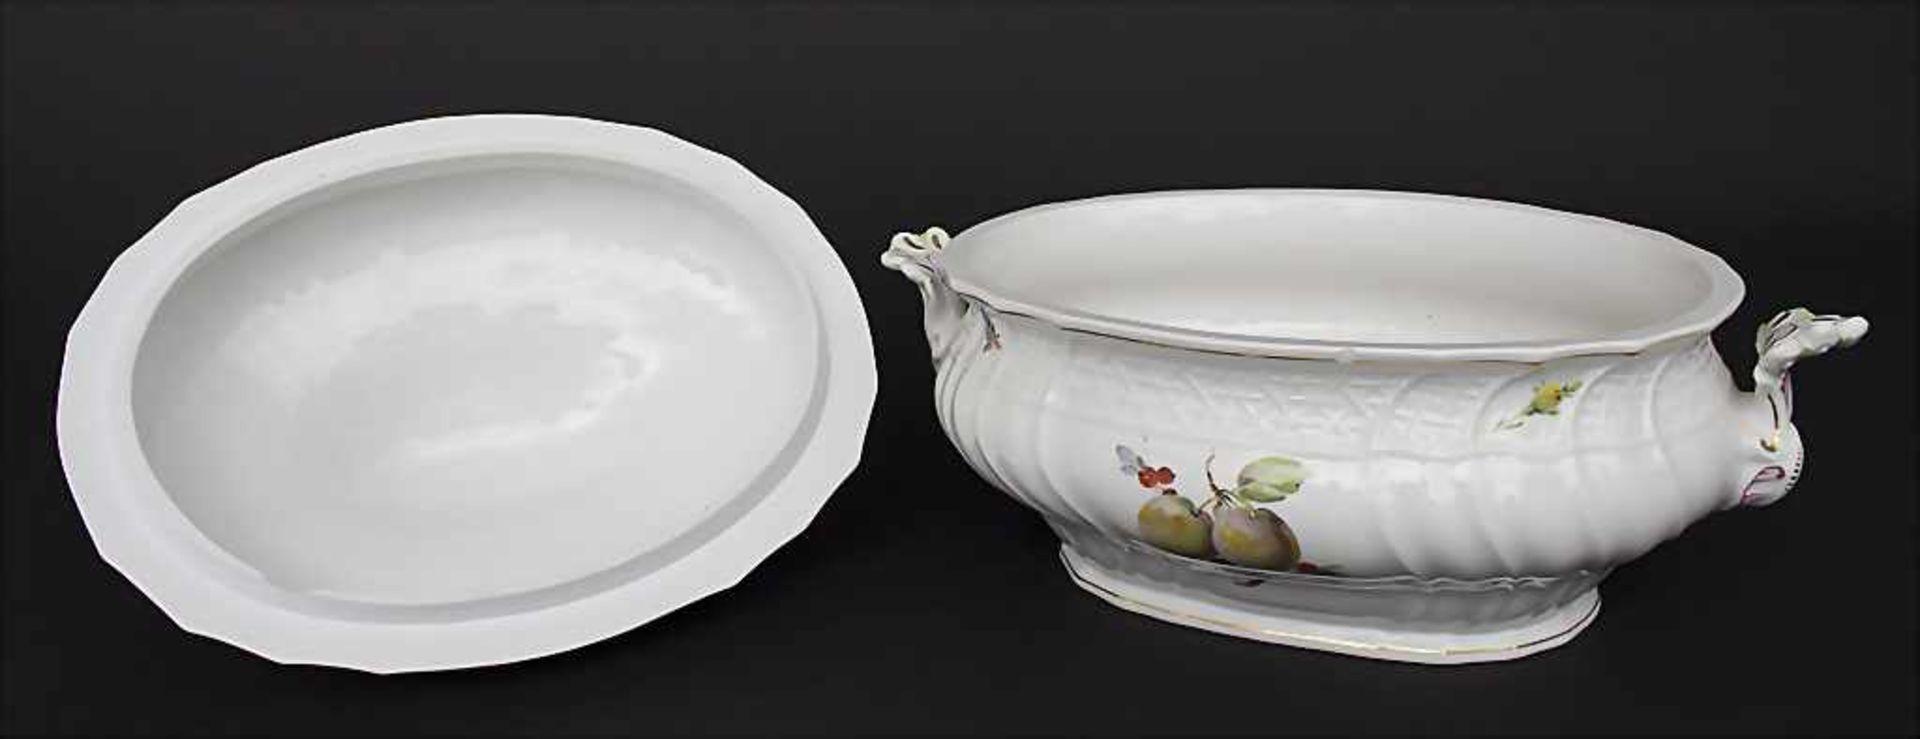 Große ovale Deckelterrine und Gemüseplatte mit Früchtemalerei / An oval covered tureen and serving - Bild 2 aus 10